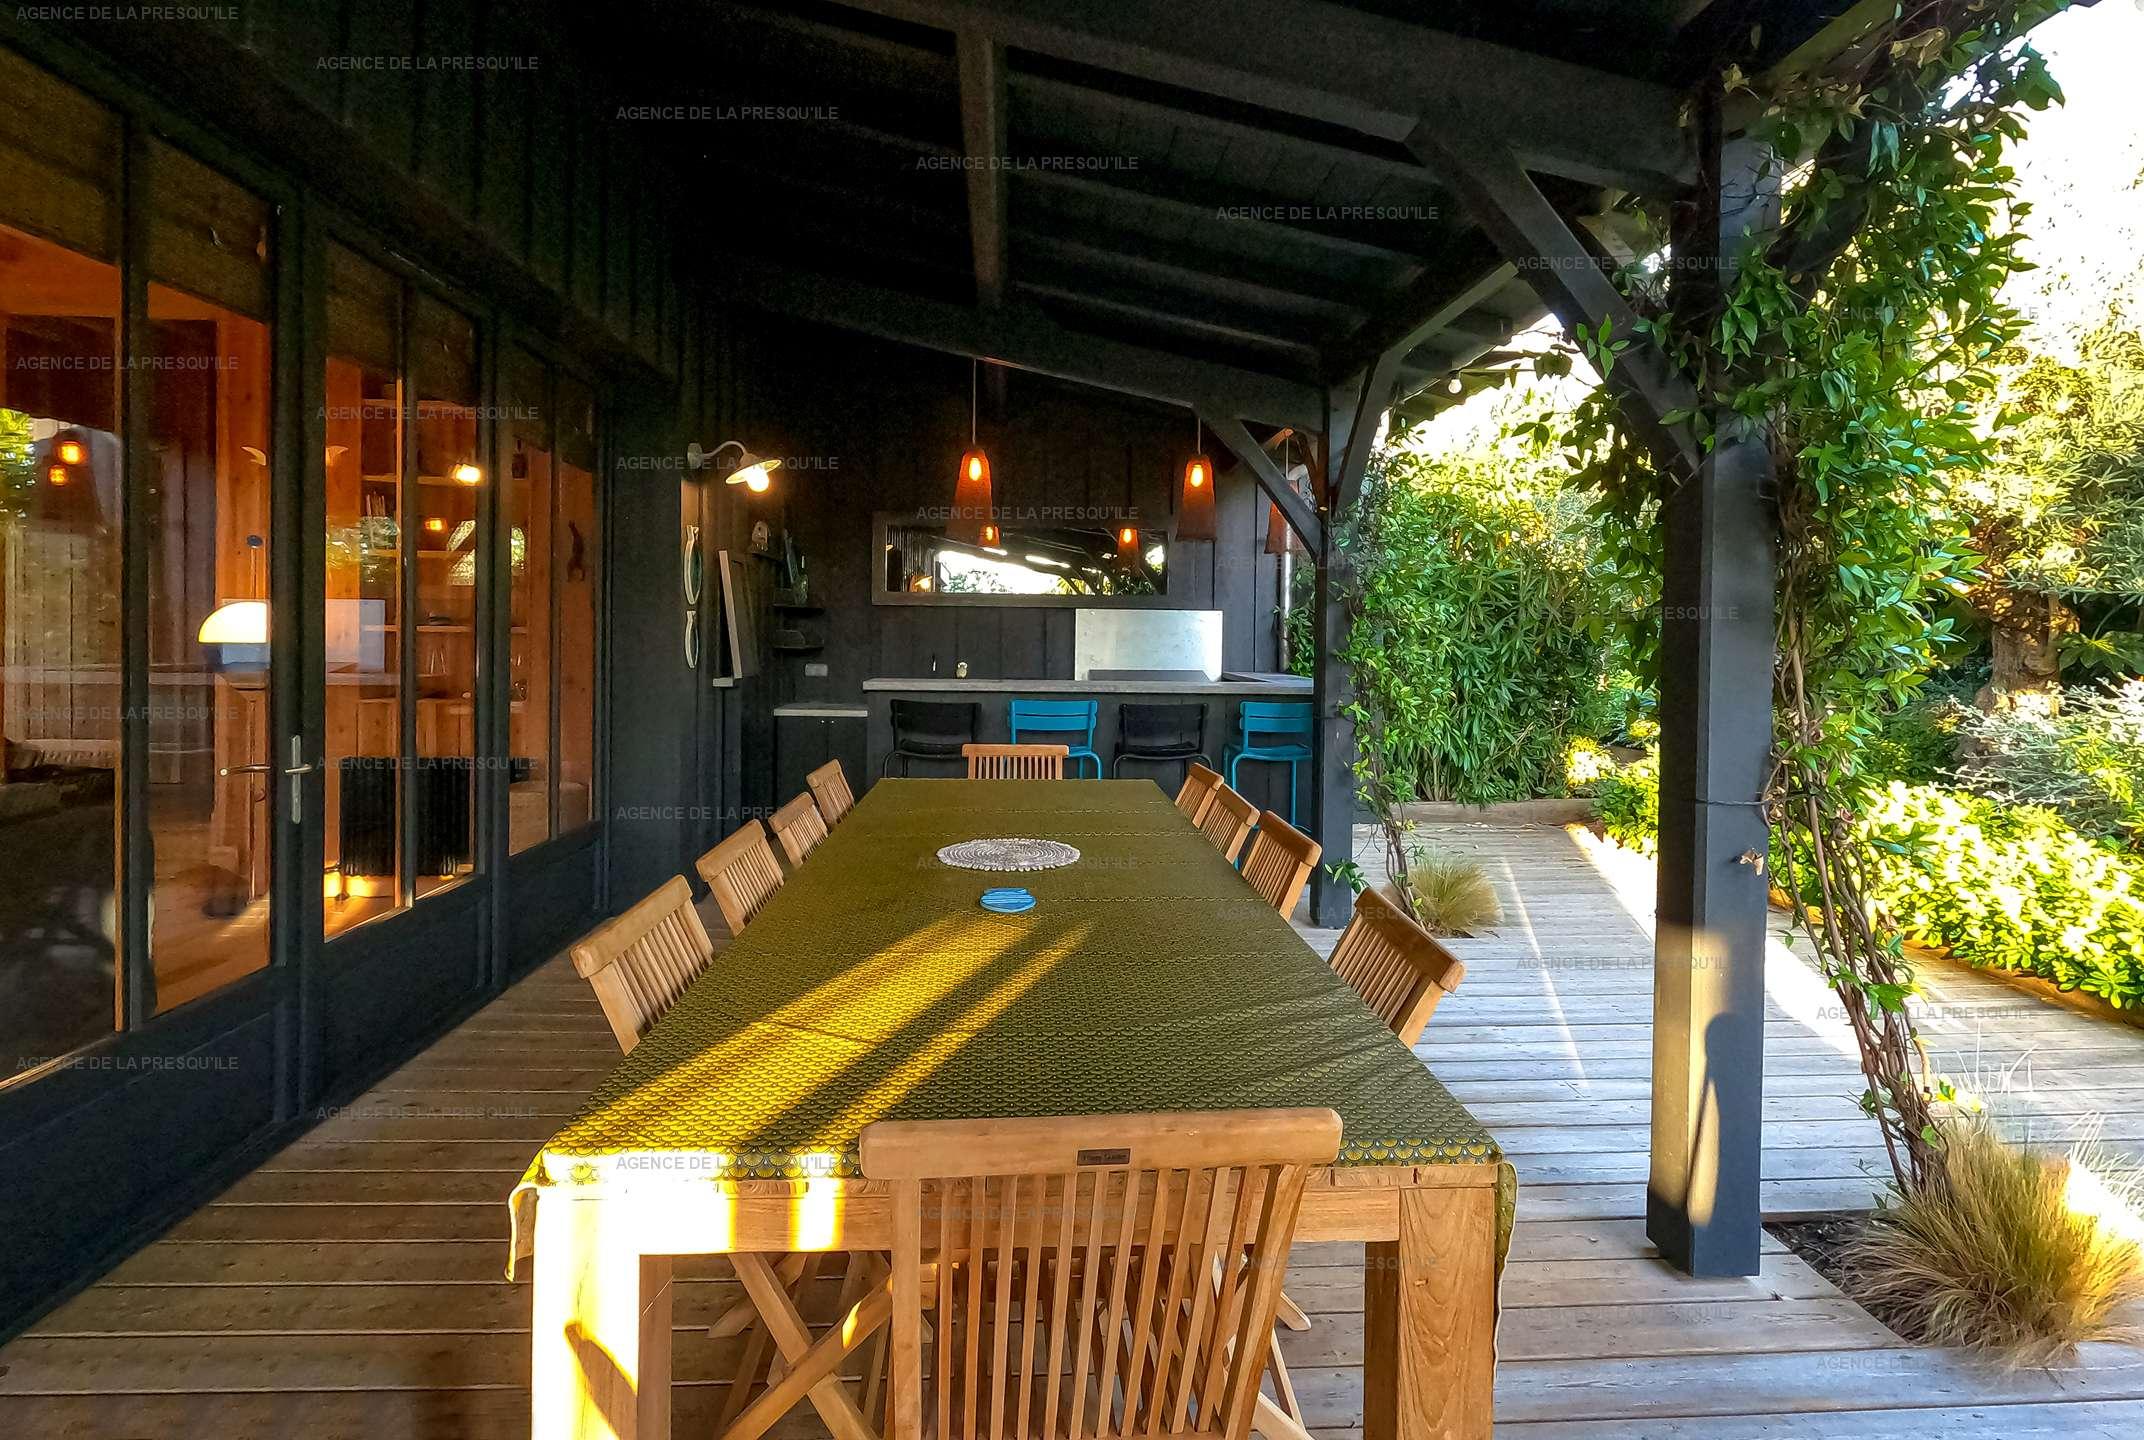 Location: Séduisante villa en bois neuve avec piscine 14